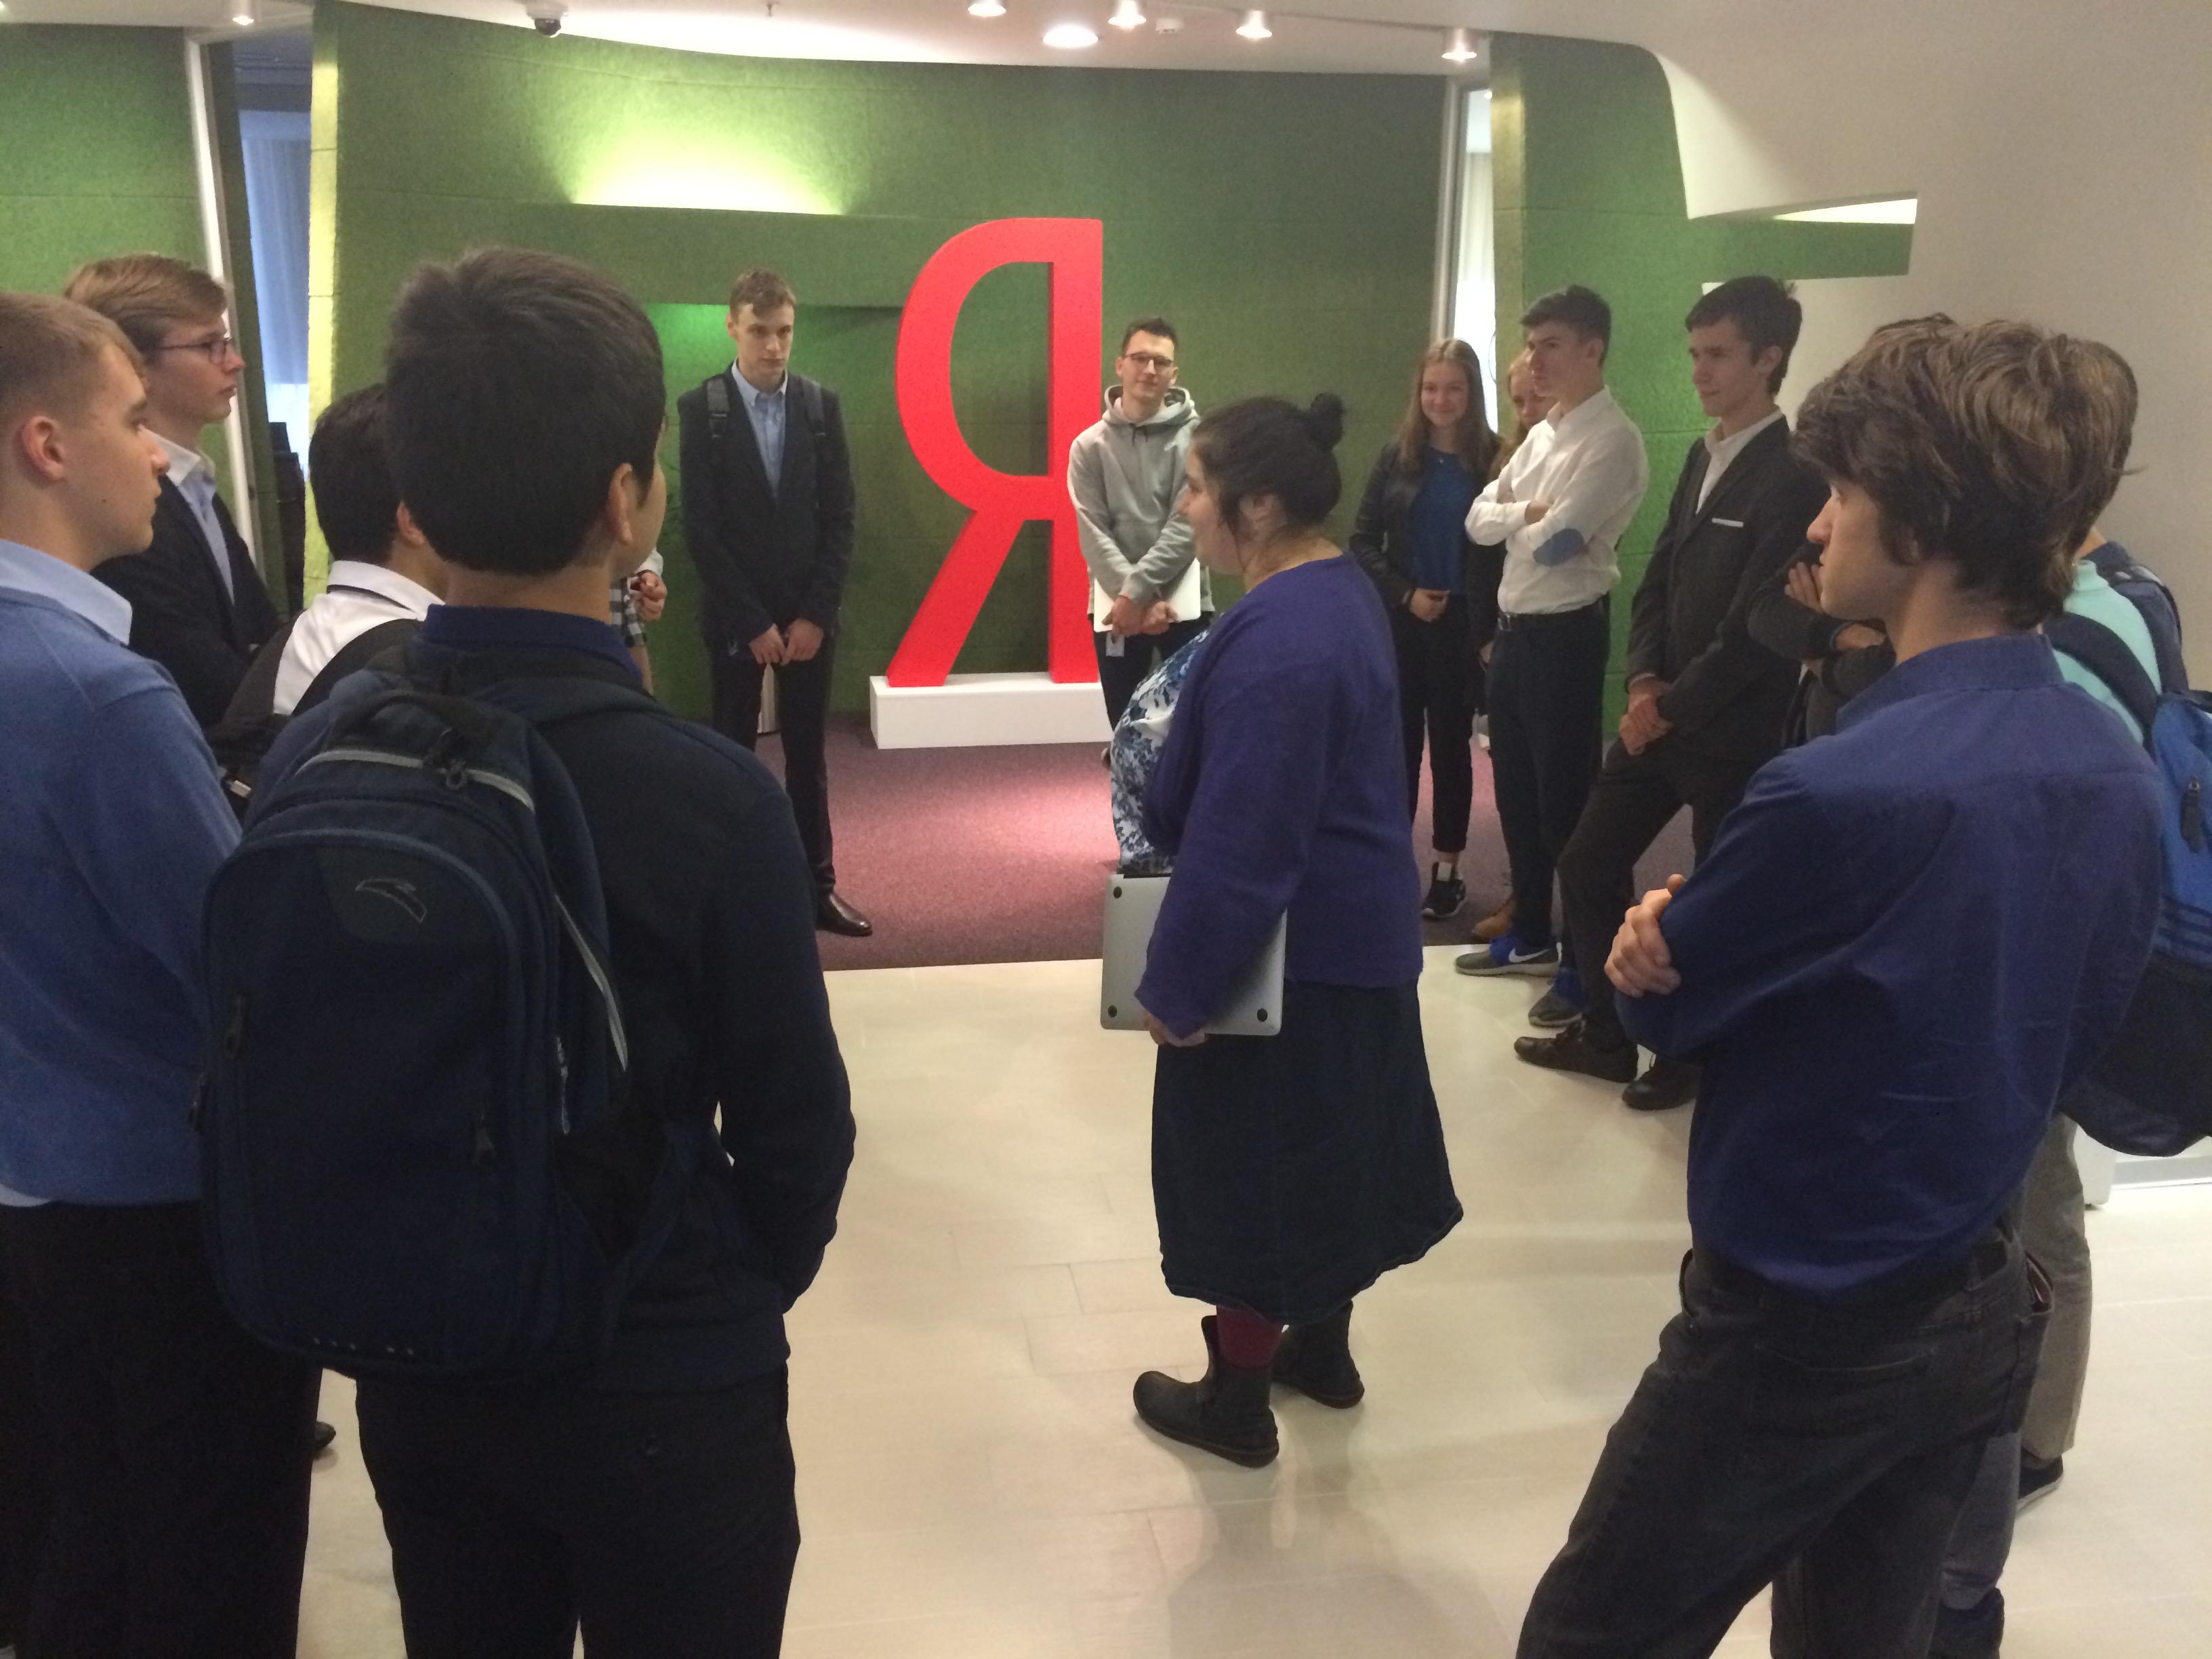 Экскурсию для учеников школы 29 проводит сотрудник фирмы Лилия Барладян